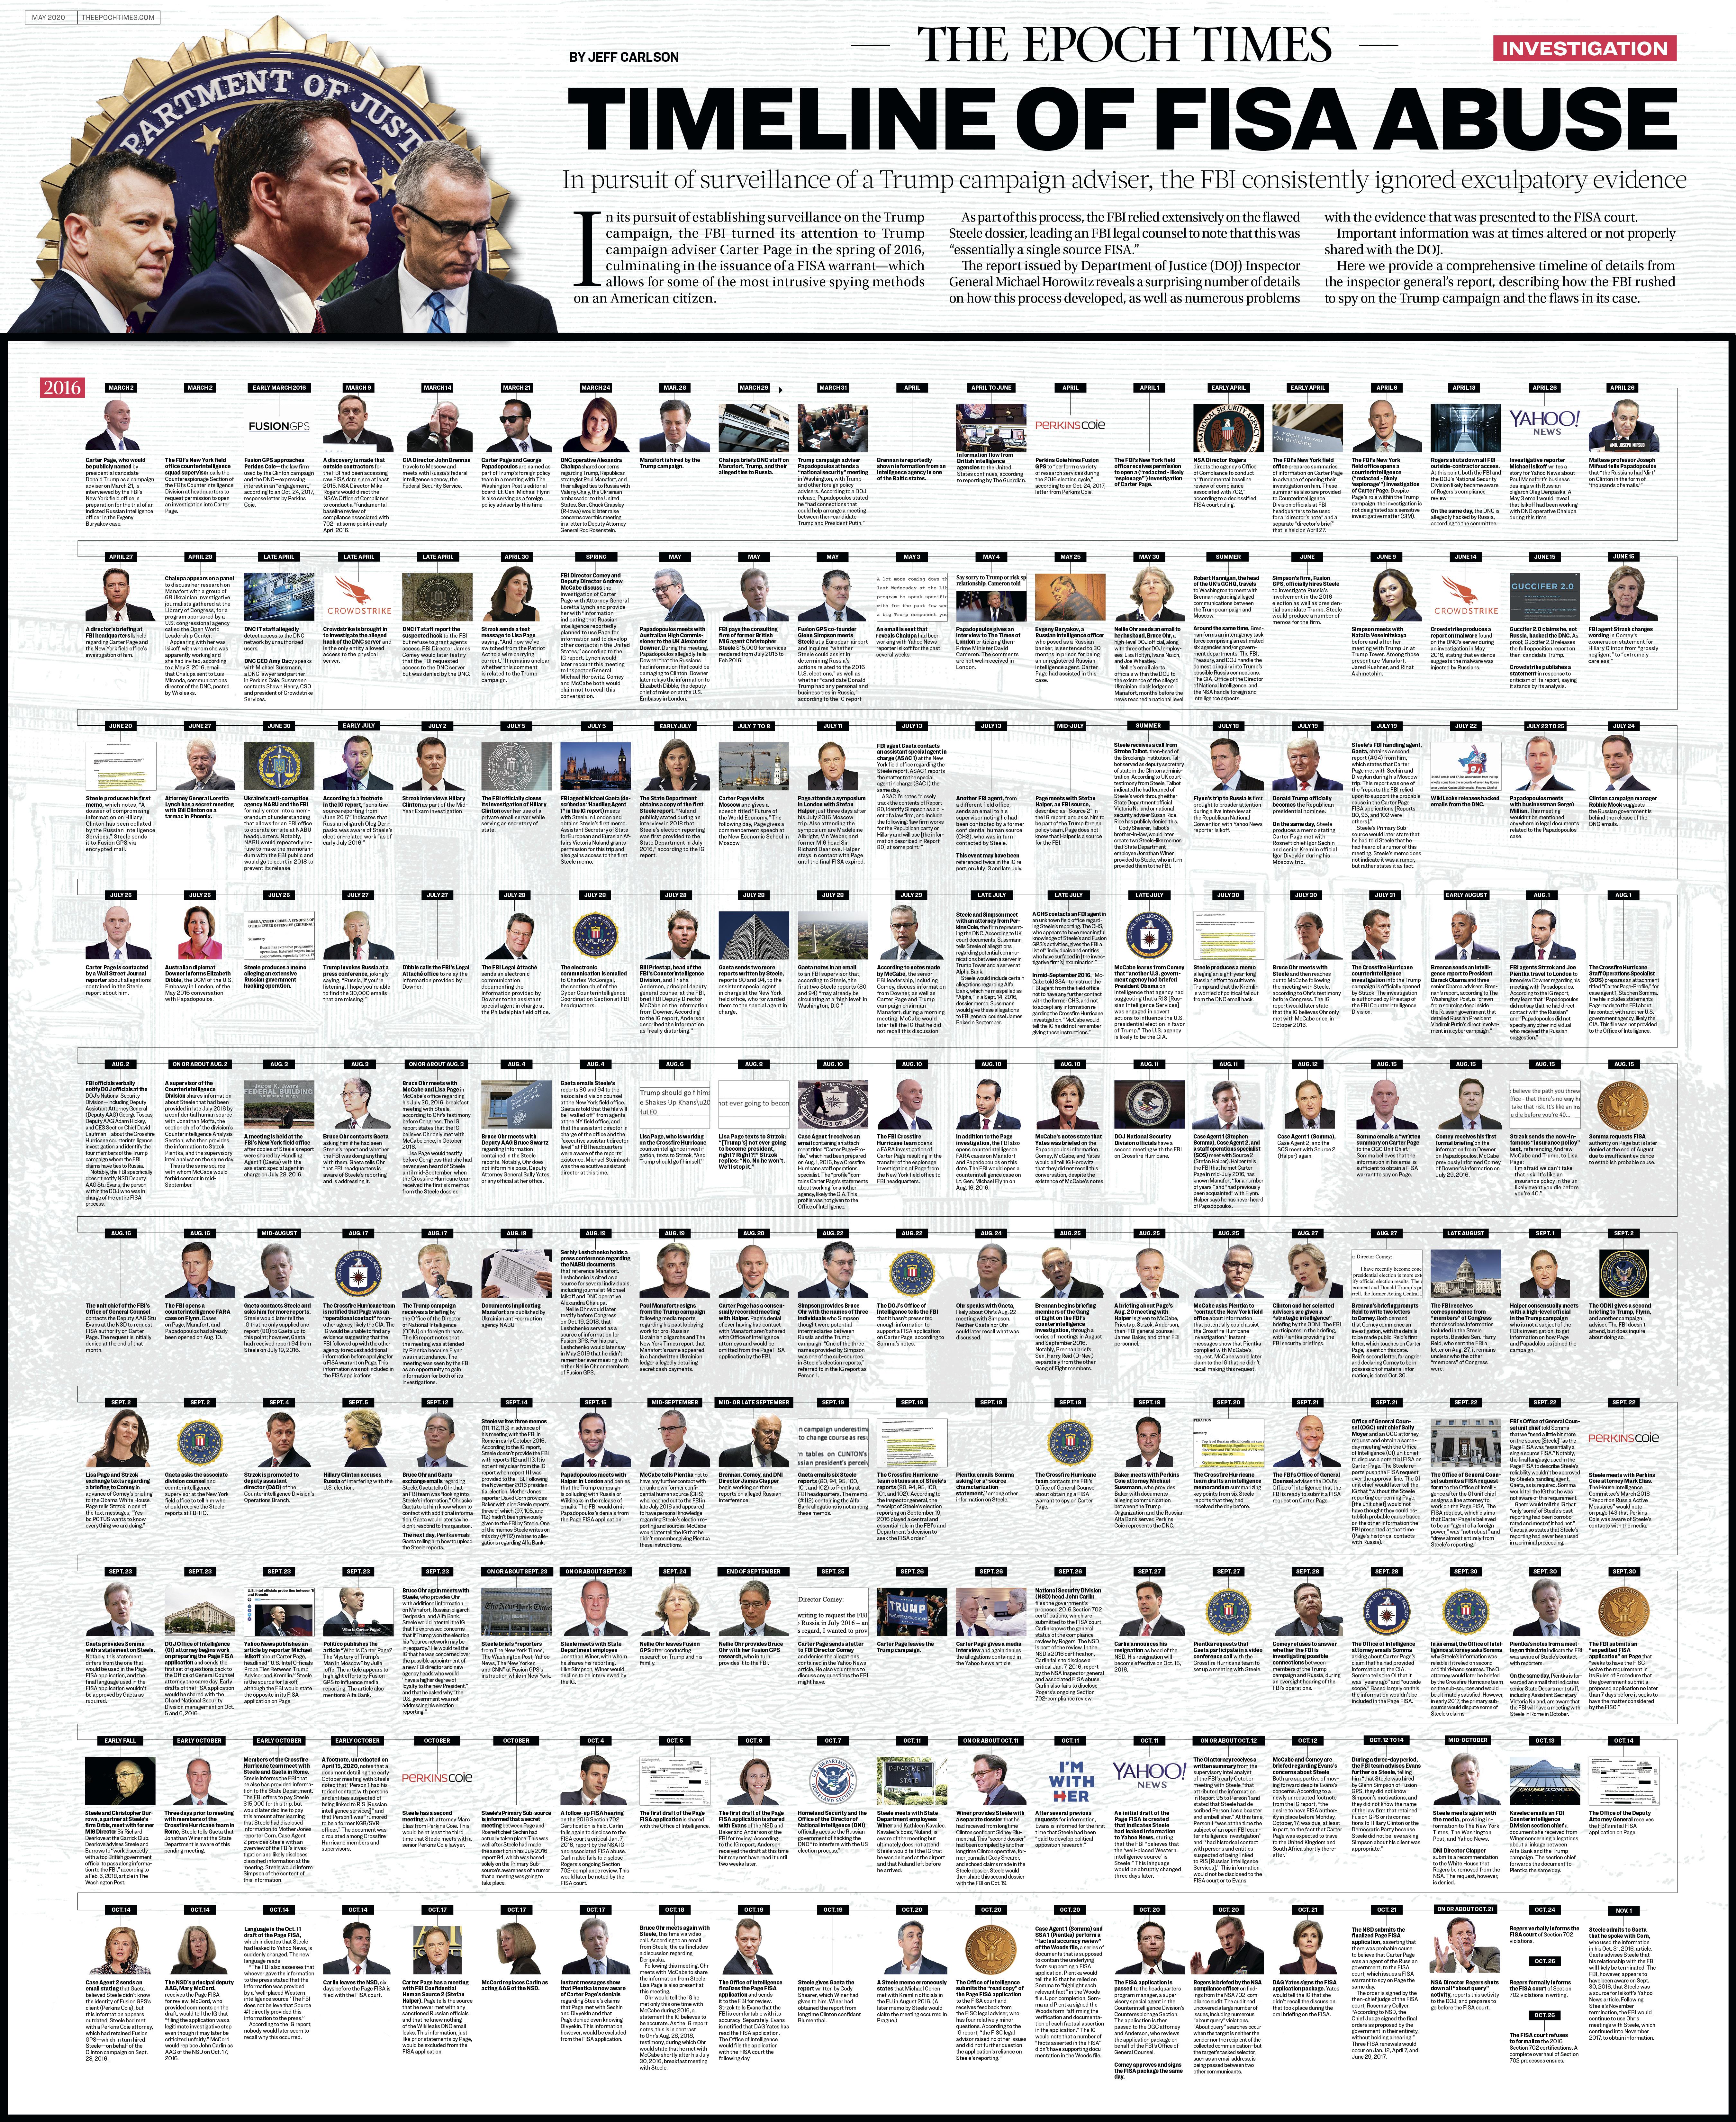 FISA abuse timeline